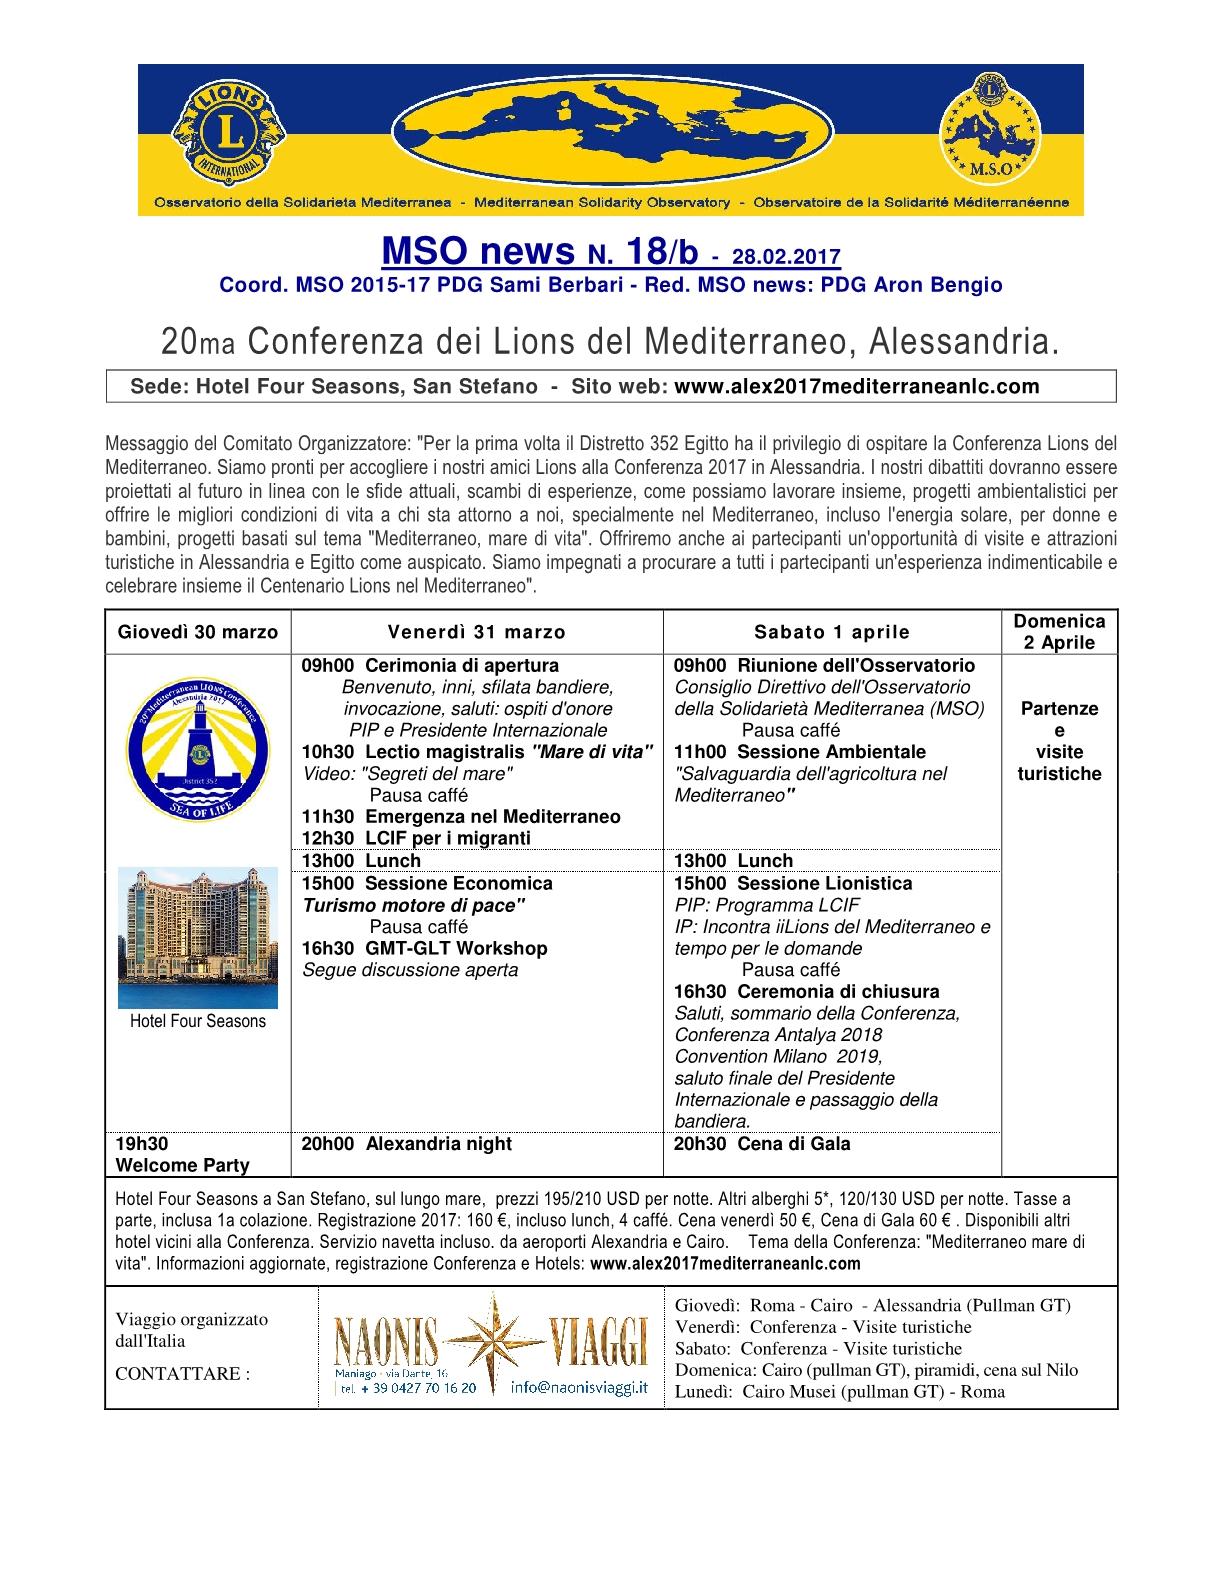 mso-news-18-b-it1